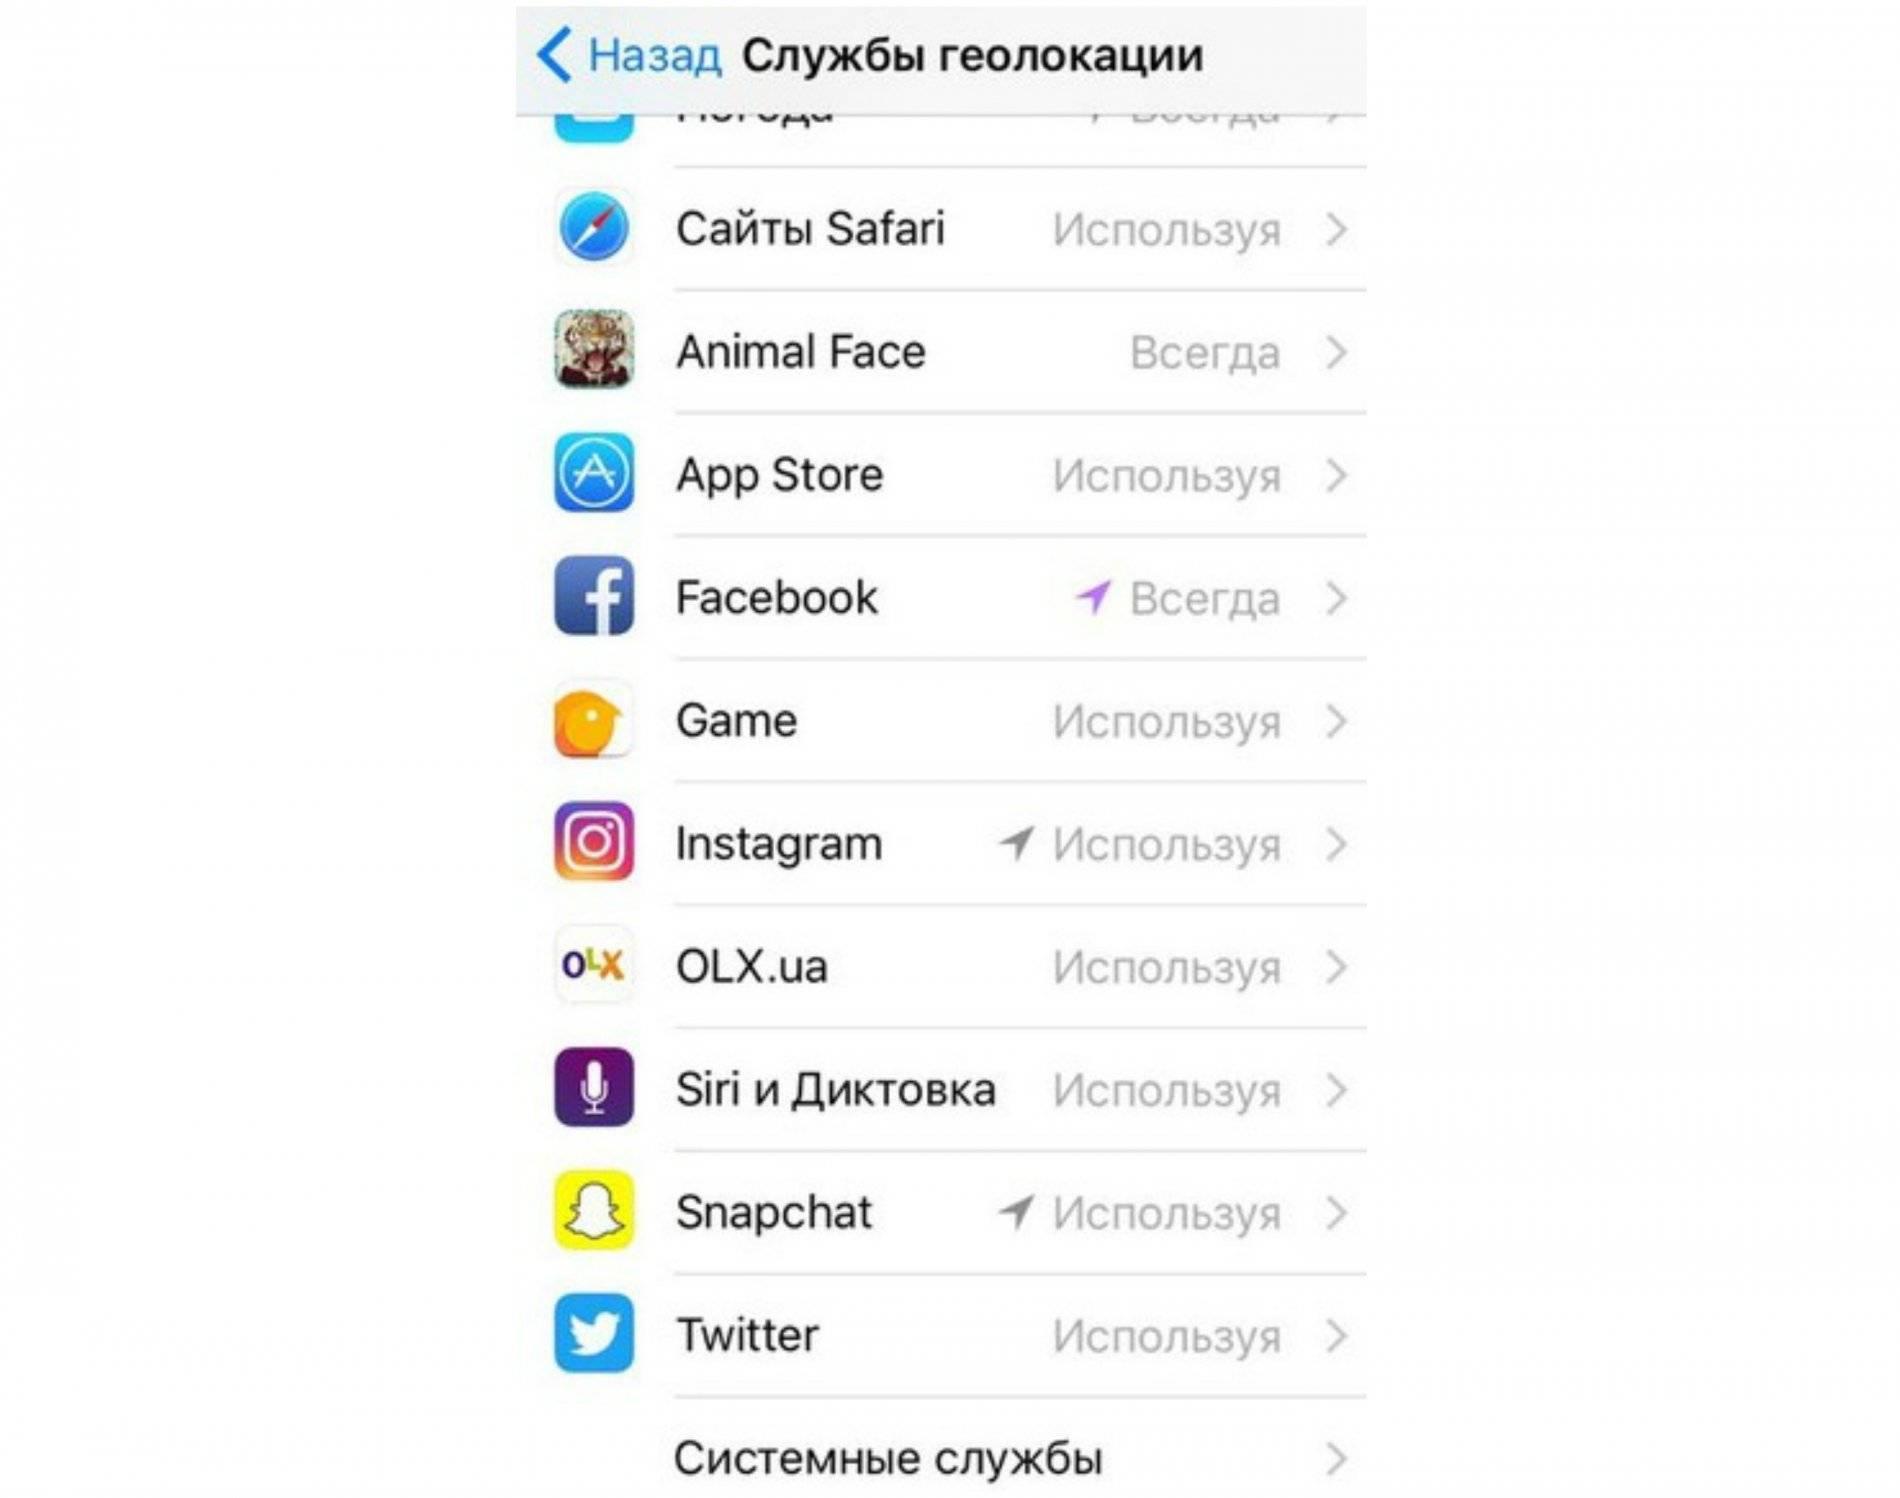 Как создать новое местоположение в инстаграм: через android и ios